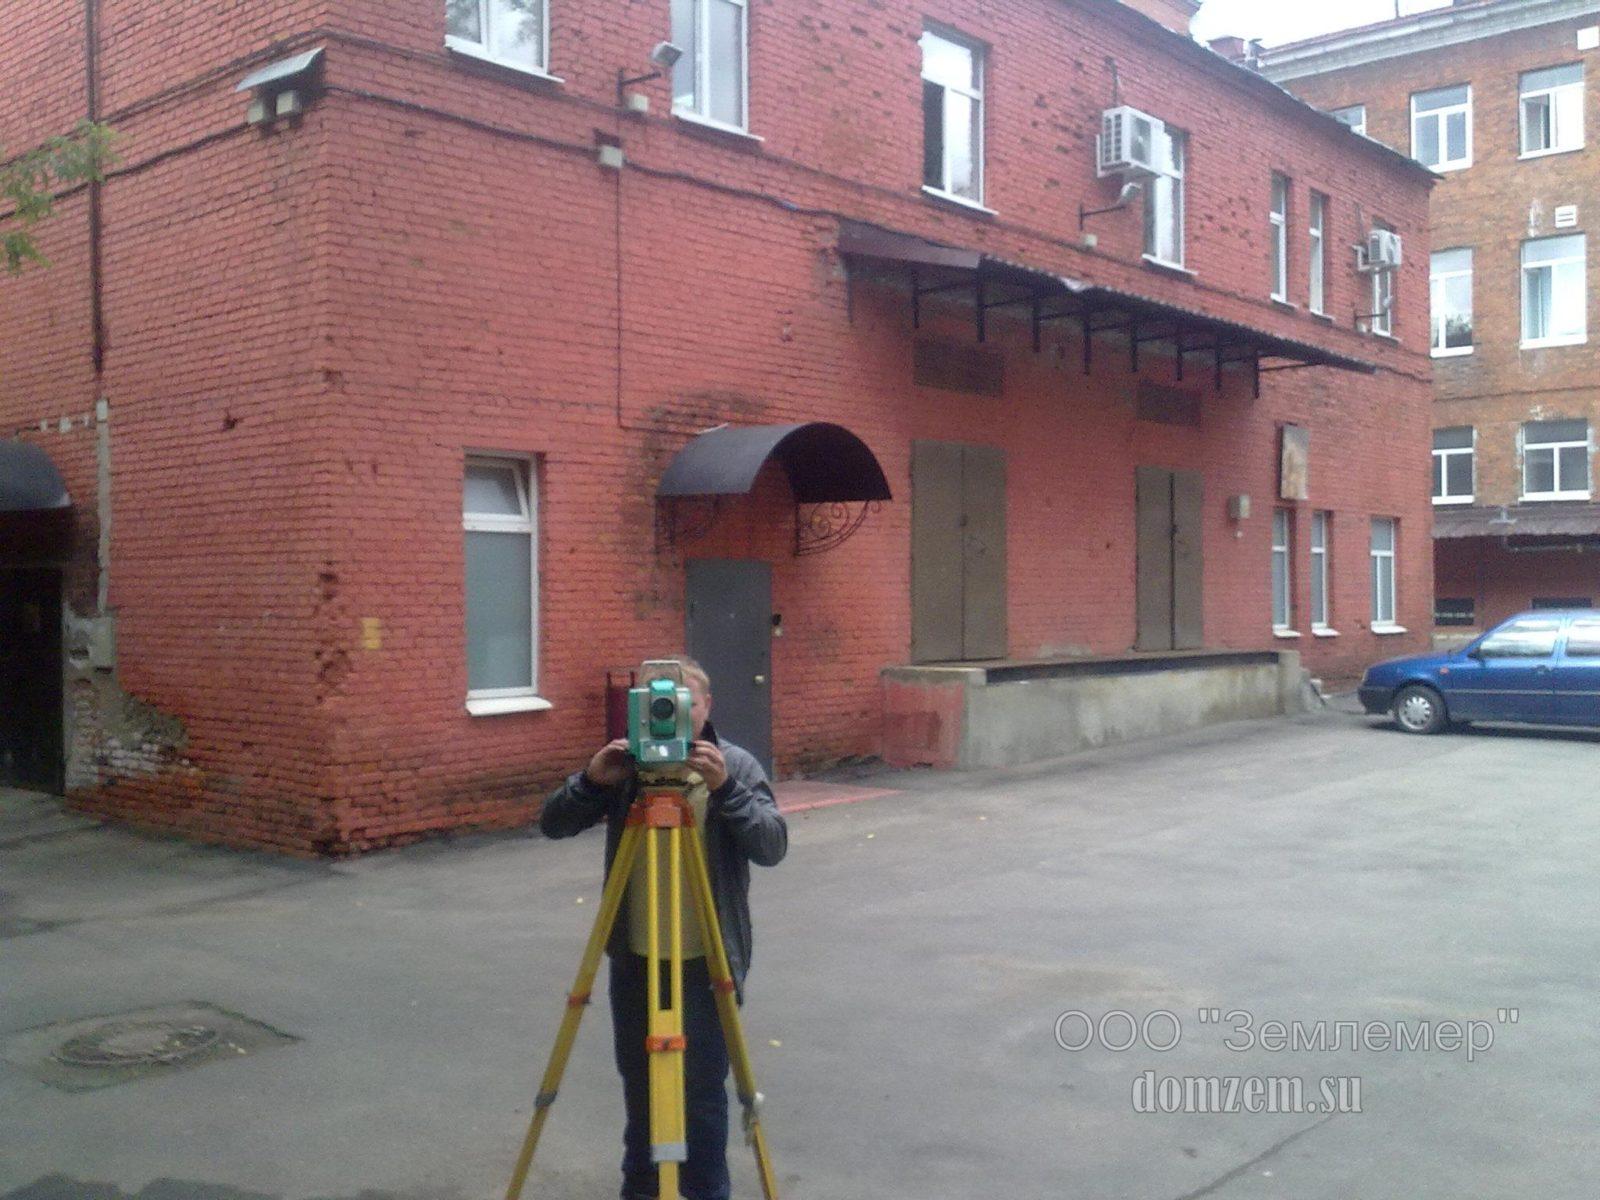 Для чего нужна схема расположения нестационарных объектов фото 463